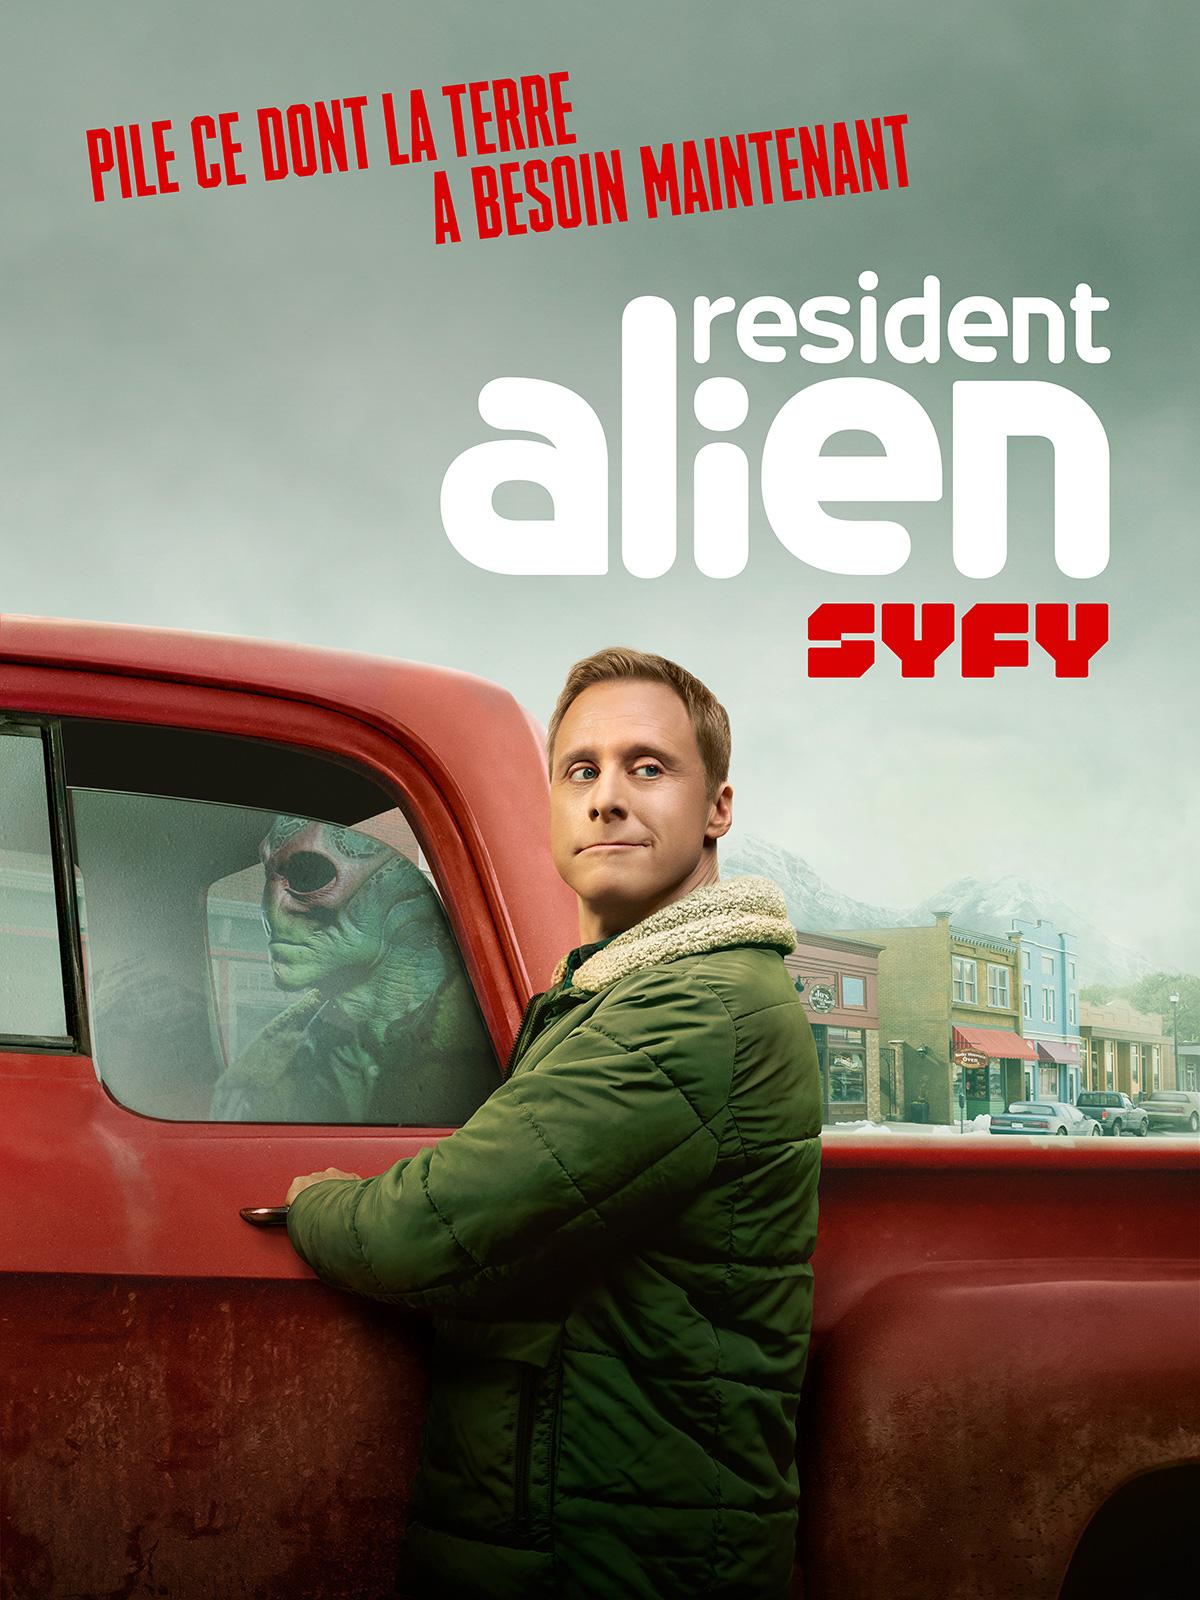 Resident Alien - Série TV 2021 - AlloCiné